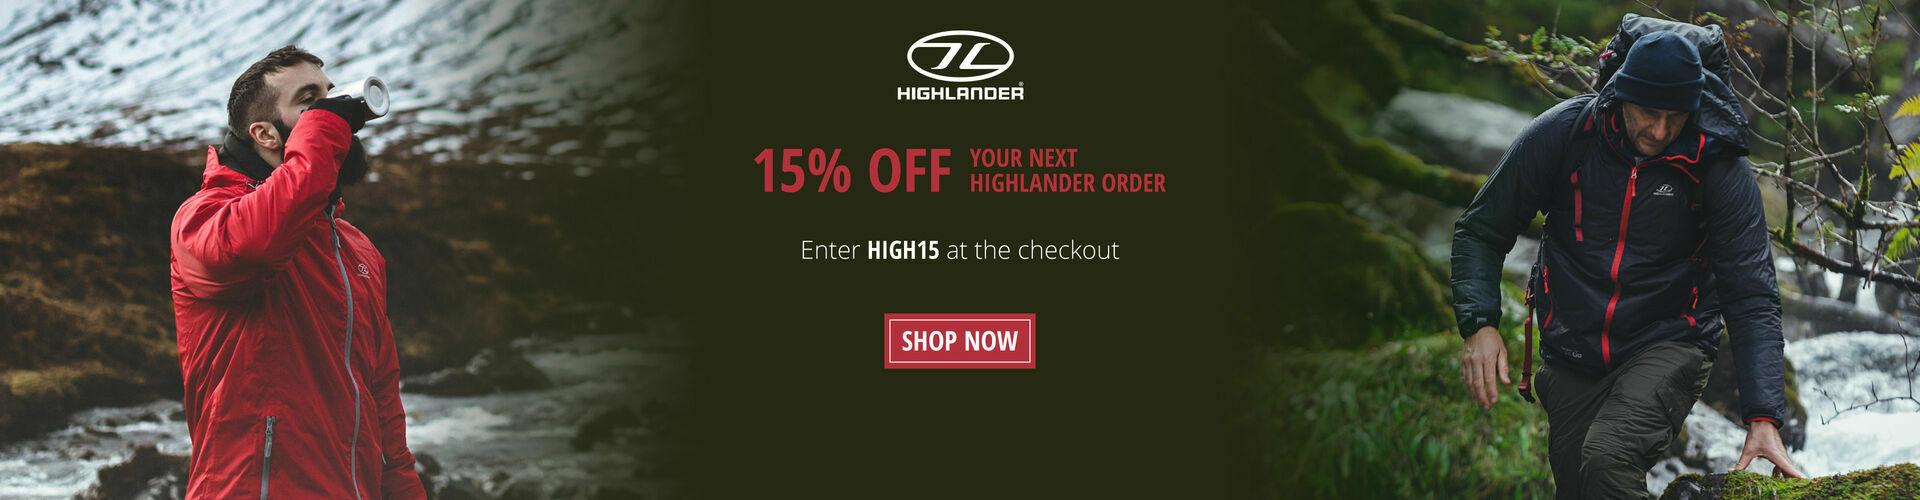 Shop Our Highlander Range